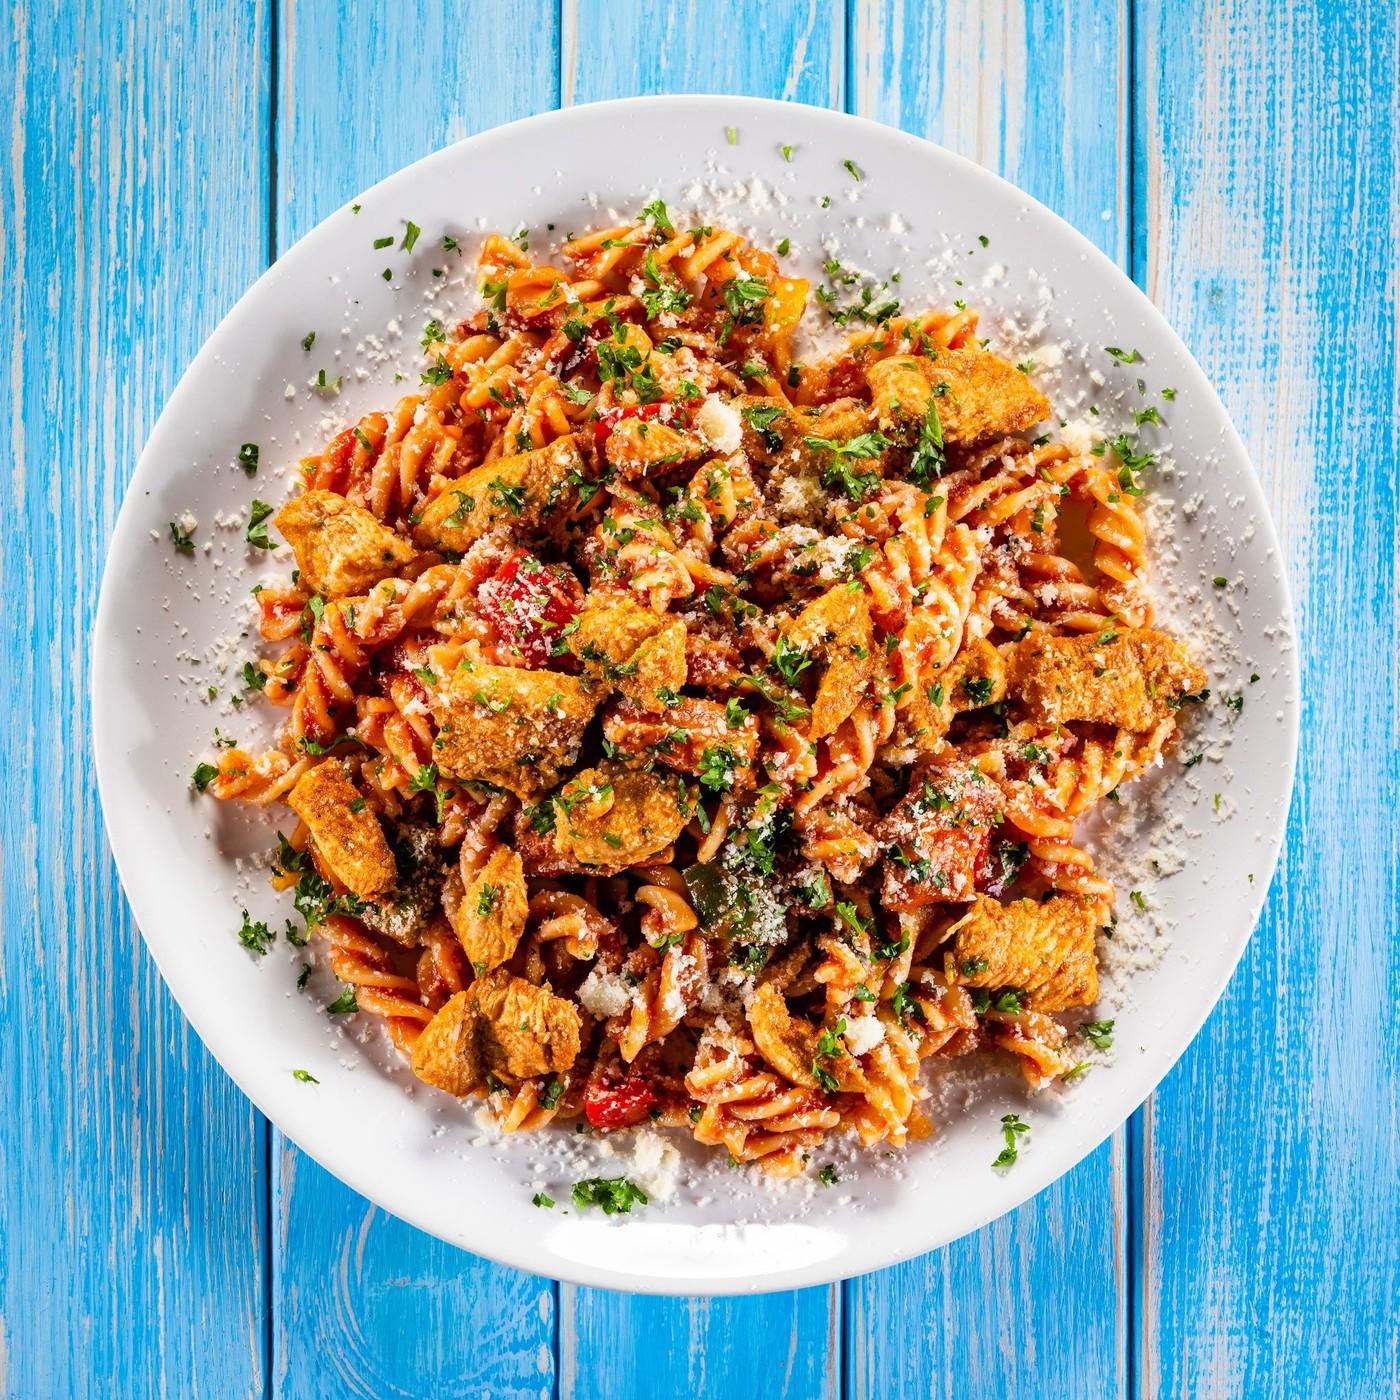 receta de Fusilli all'amatriciana